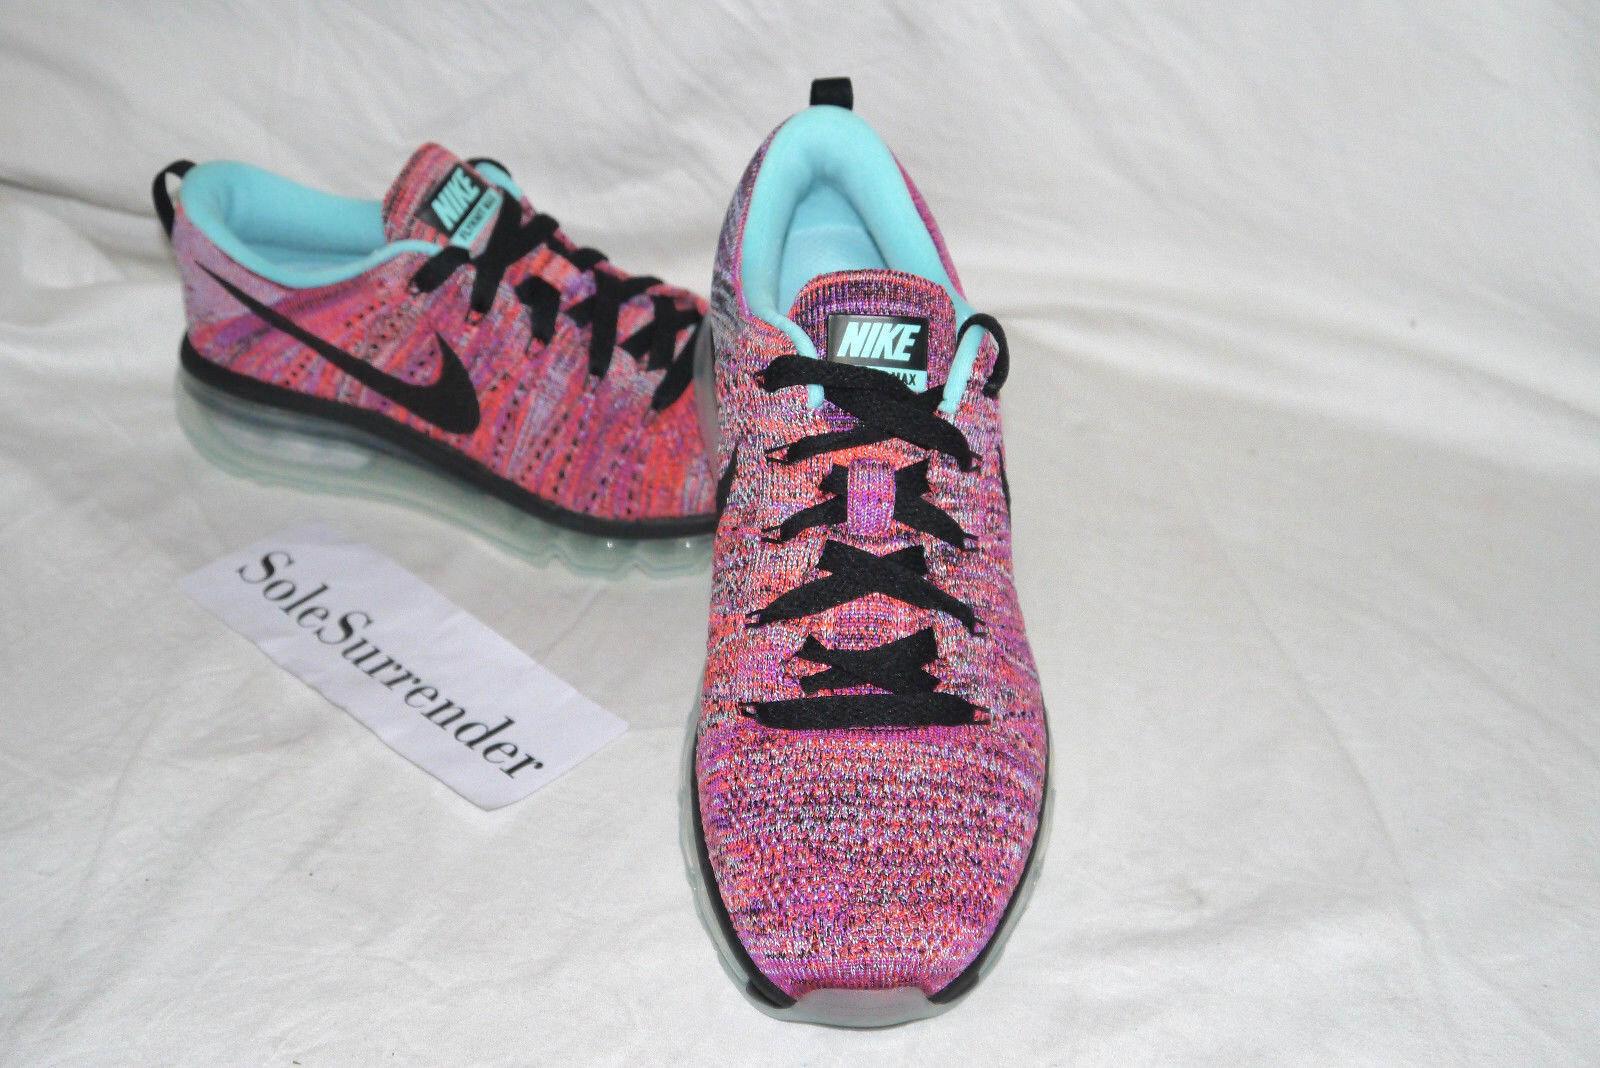 b346a96c2b17 ... Women s Nike Flyknit Max Max Max - CHOOSE SIZE - 620659-009 Black Pink  Purple ...